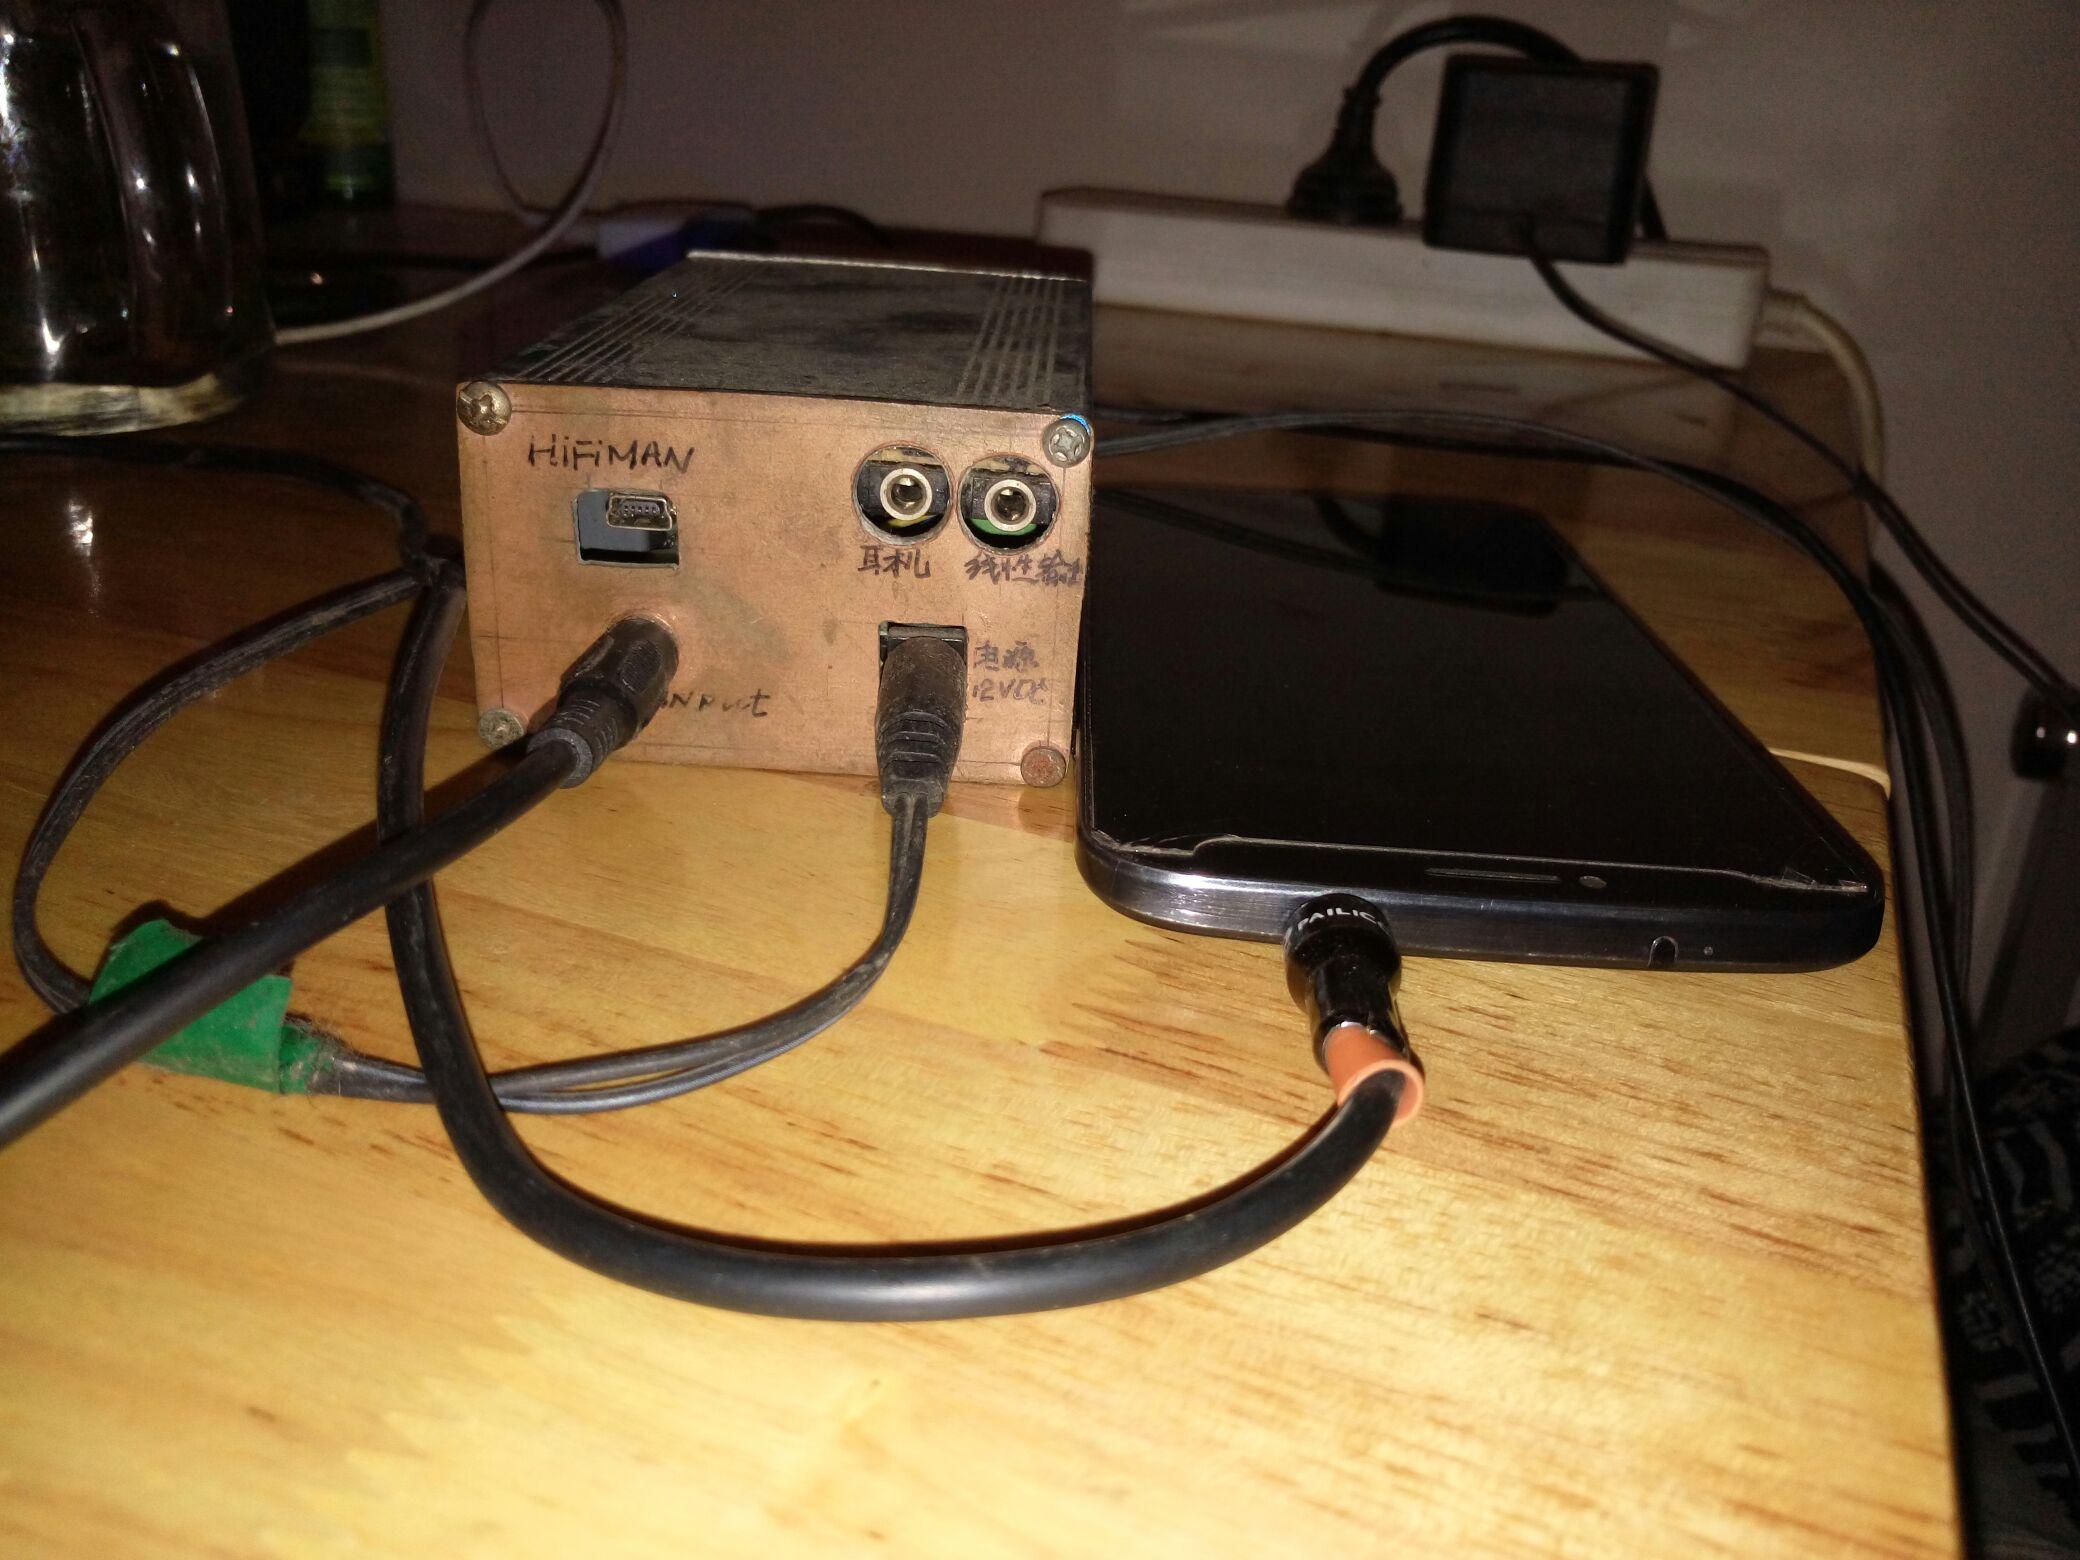 这款声卡耳放电路电源用建武对讲机充电器改装成稳压 12vdc给其供电.